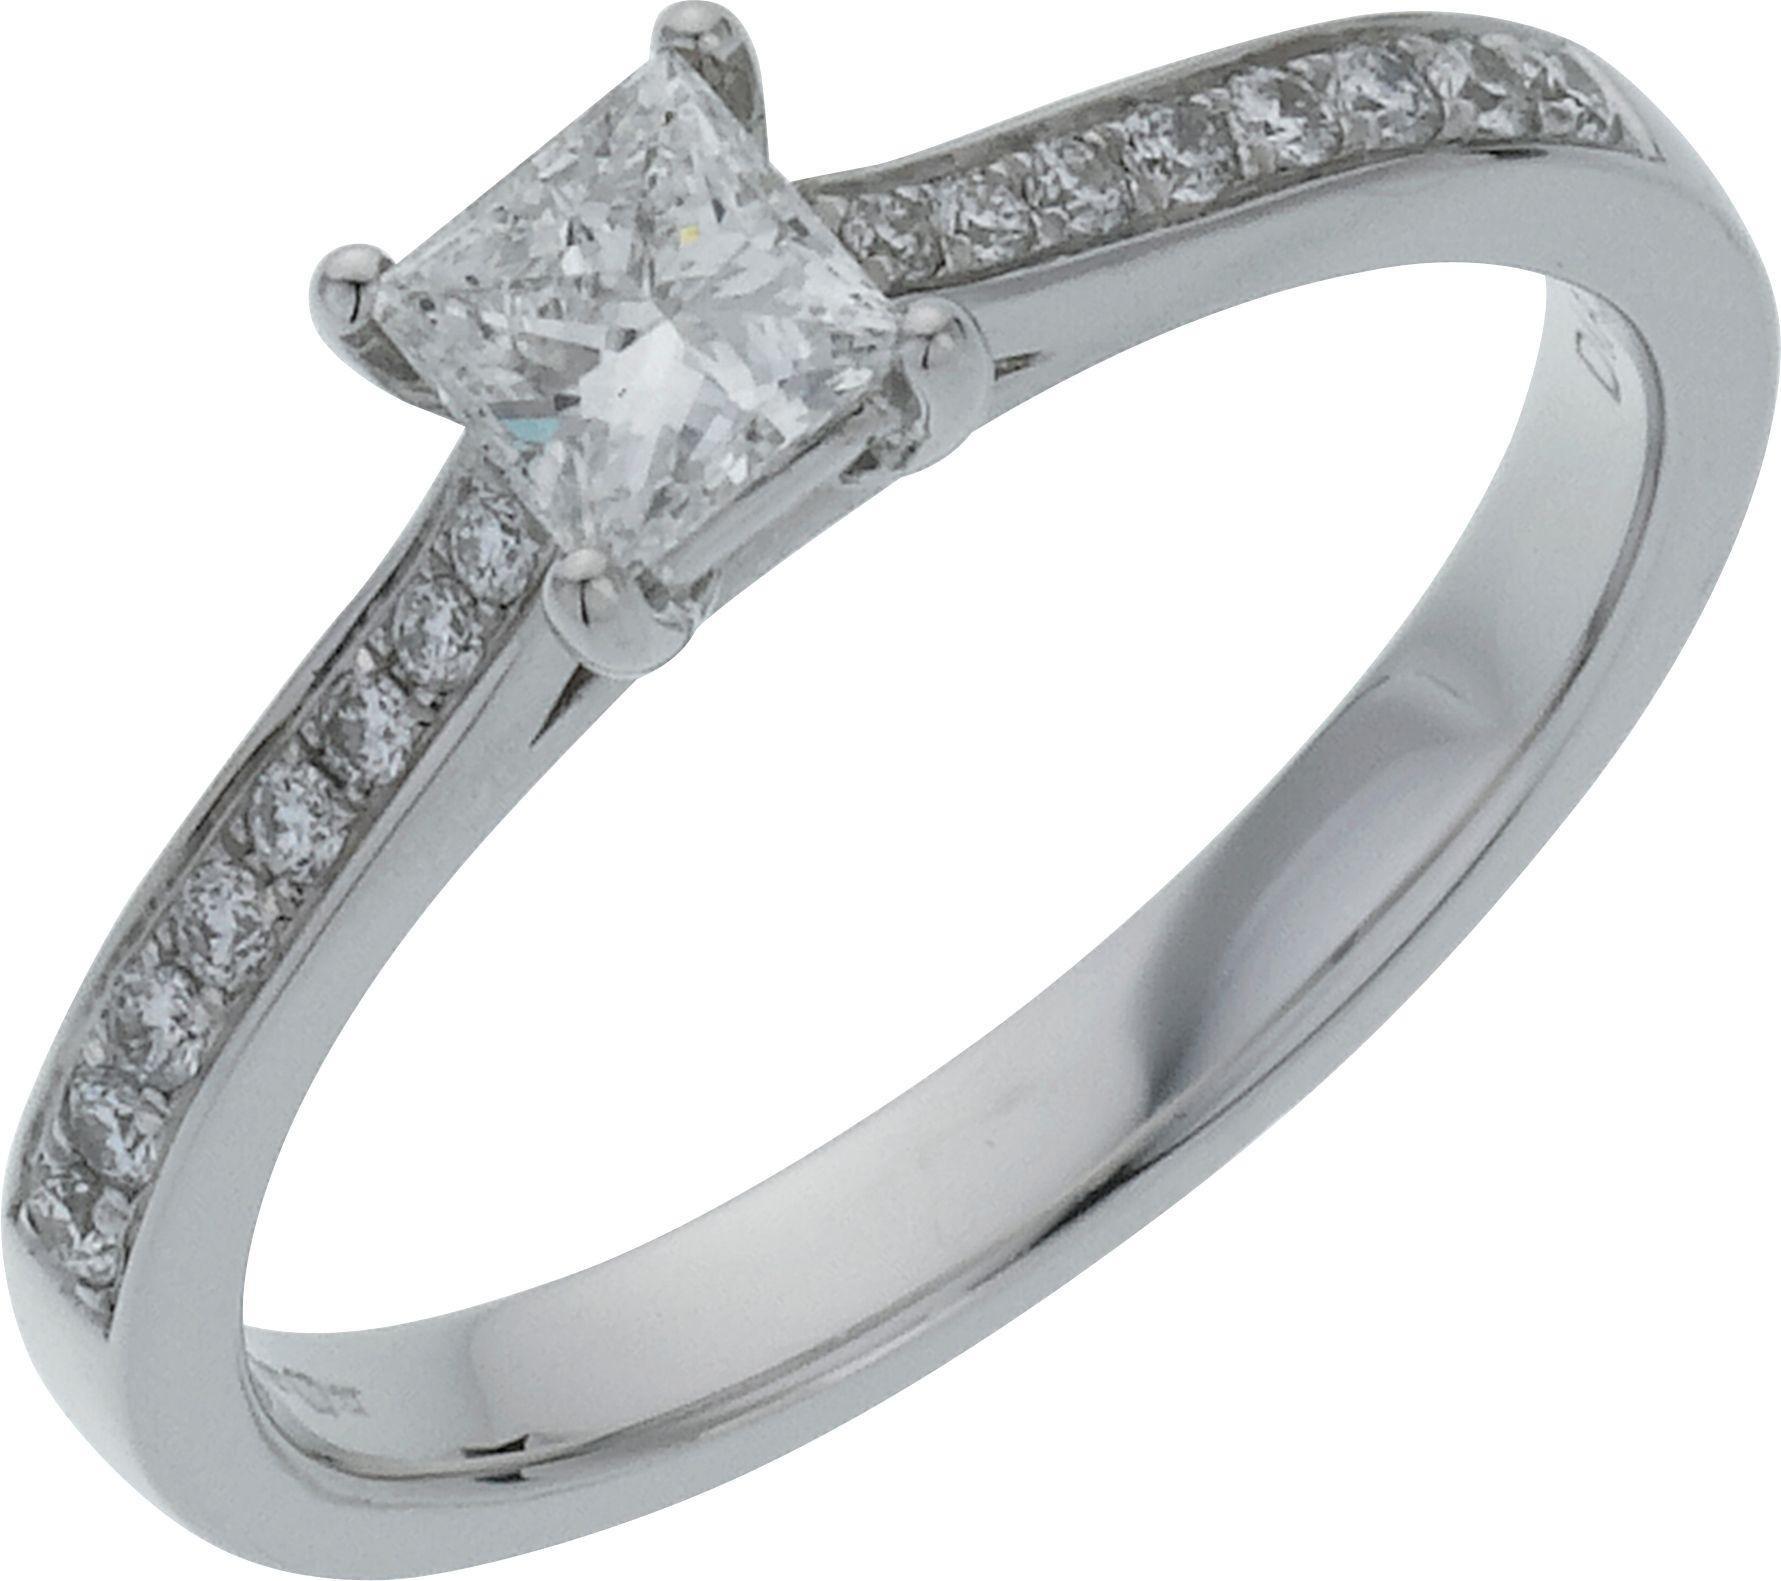 18 Carat White Gold 050 Carat Diamond - Princess Cut Shoulder Ring- O